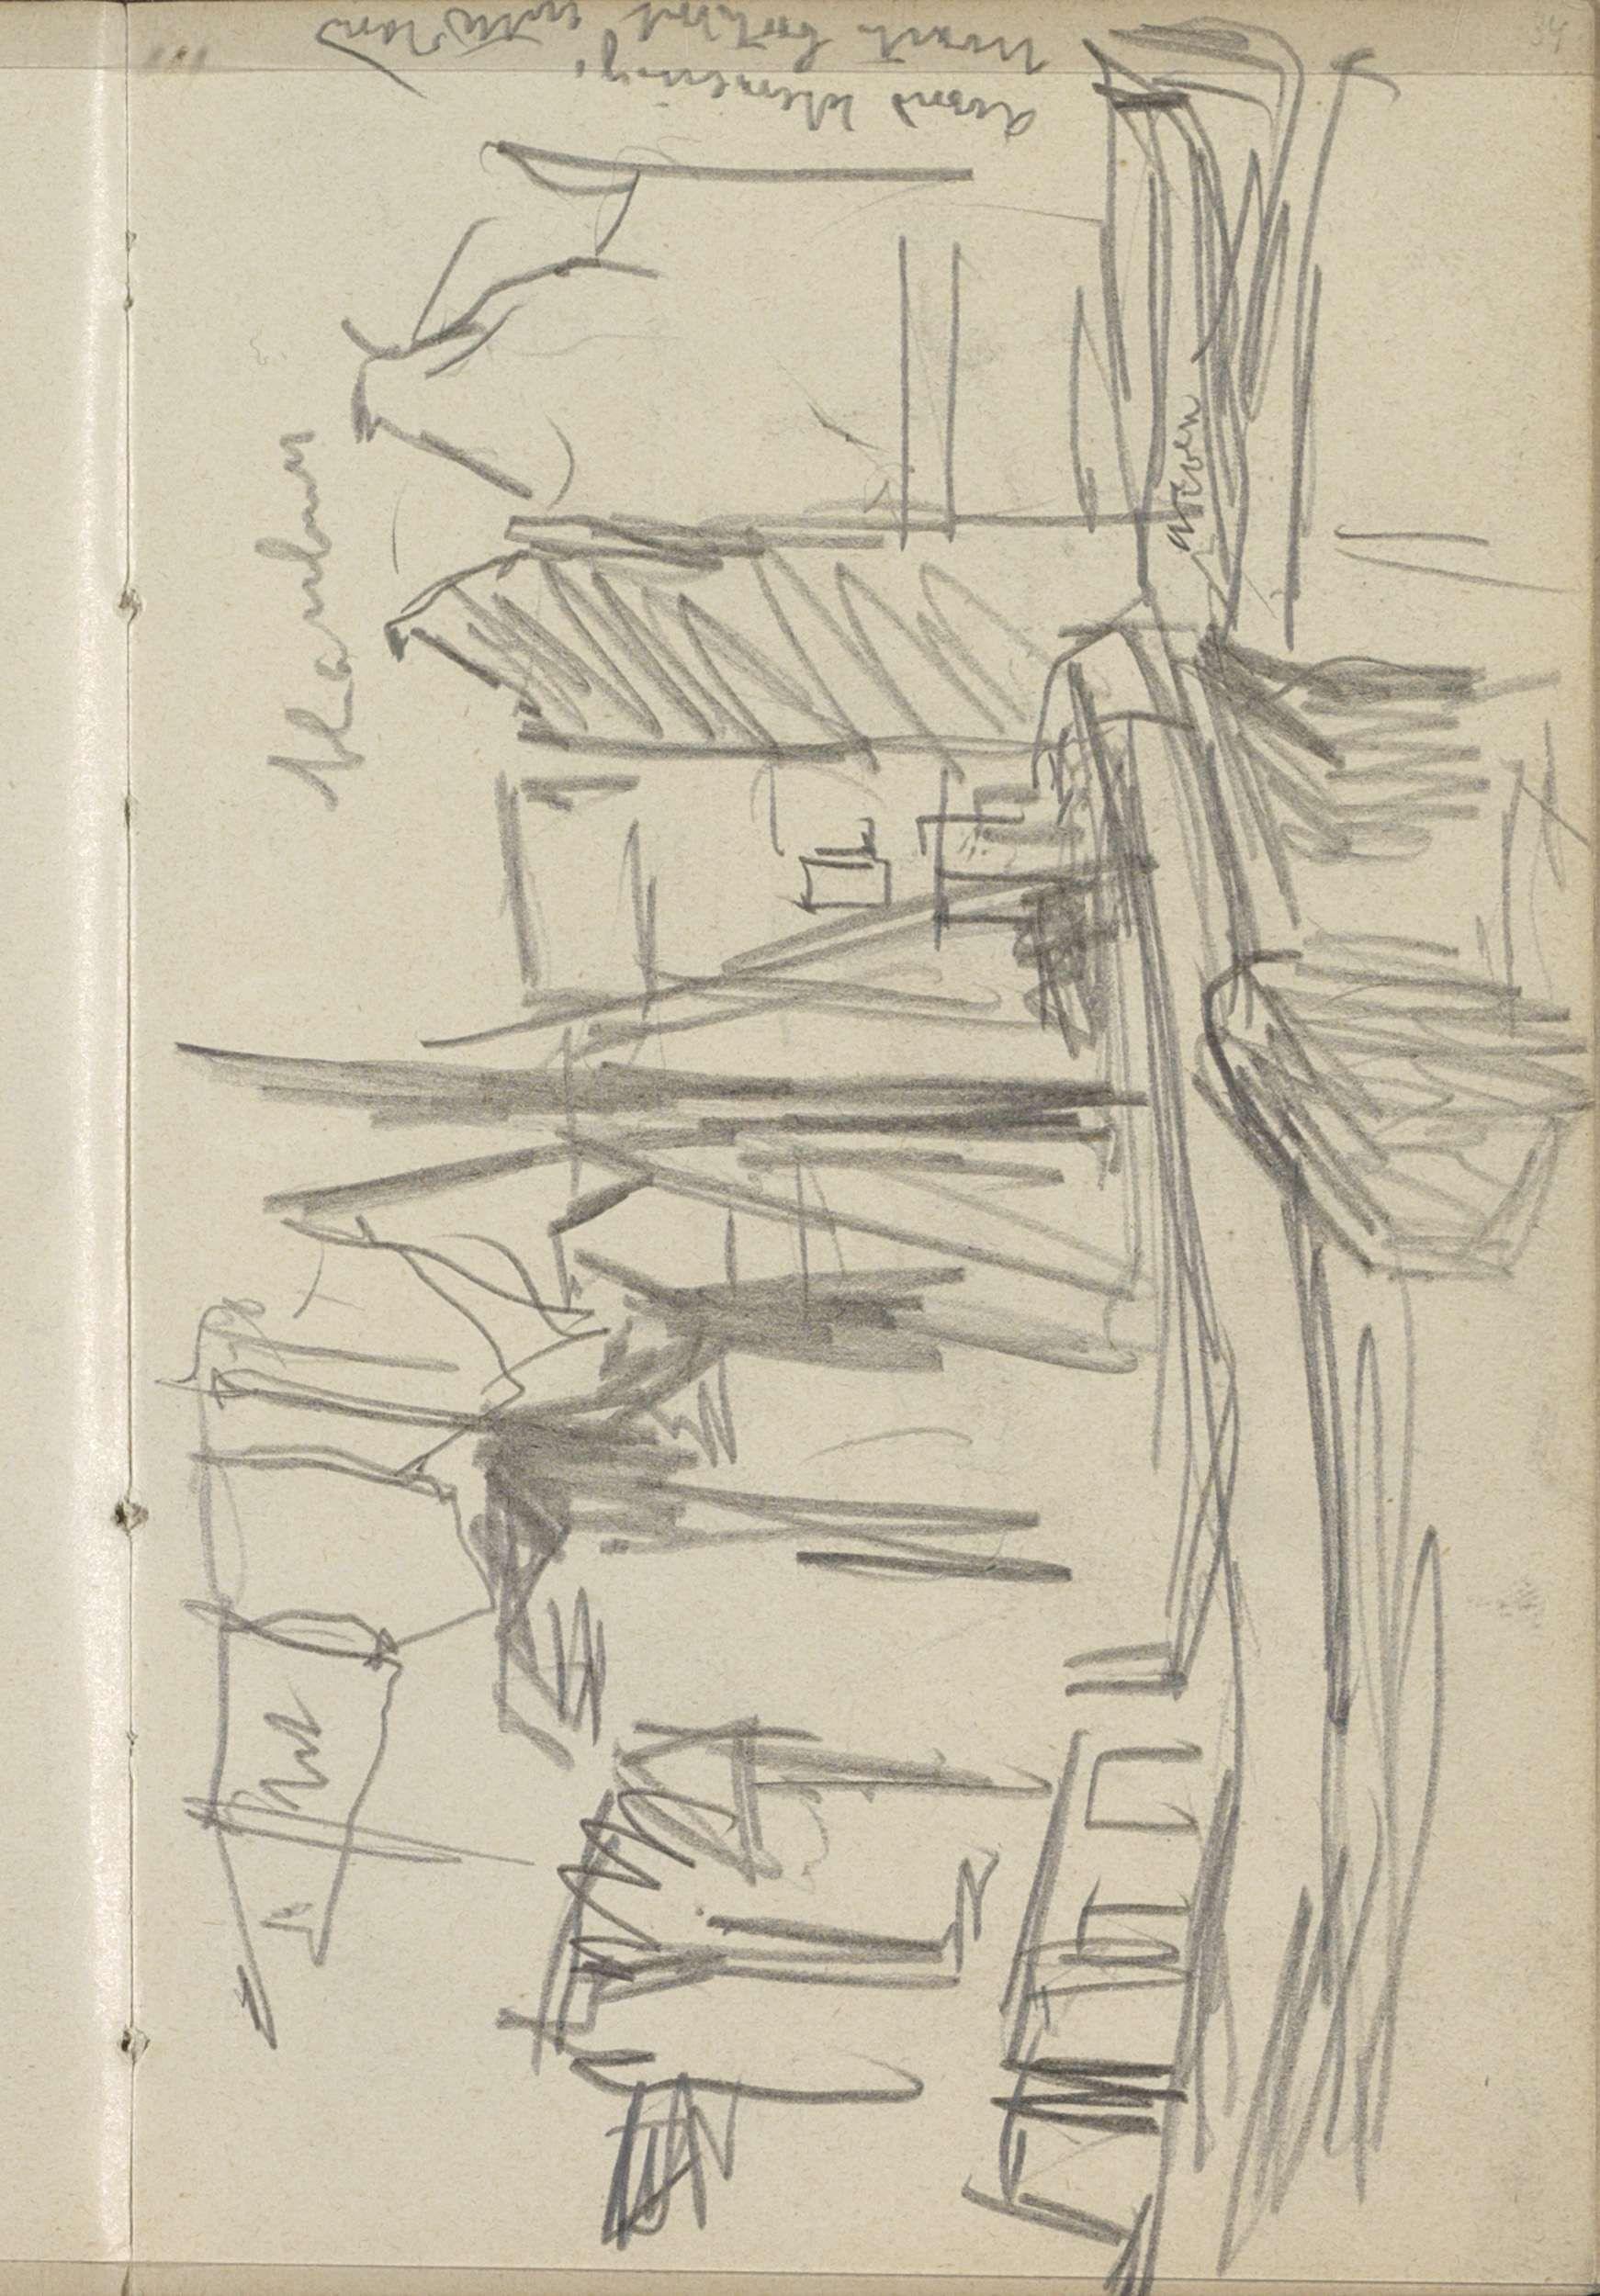 George Hendrik Breitner | Gezicht op het Damrak te Amsterdam met boten, George Hendrik Breitner, c. 1902 | Pagina 34 uit een schetsboek met 46 bladen vervaardigd in de omgeving van Amsterdam, Rotterdam en Haarlem.